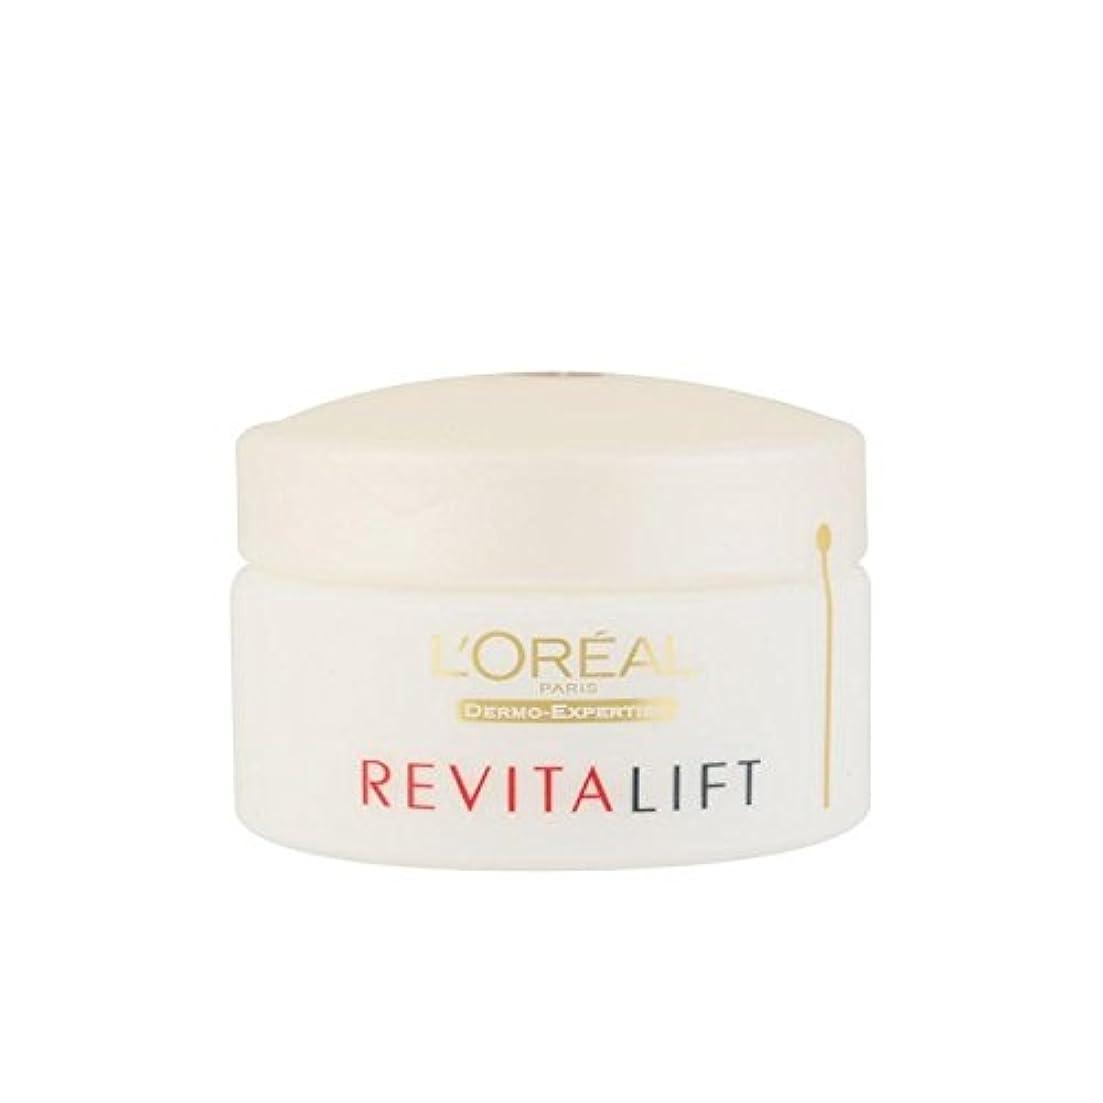 チャンピオンシップバランス一緒にL'Oreal Paris Dermo Expertise Revitalift Anti-Wrinkle + Firming Day Cream (50ml) - ロレアルパリ、真皮の専門知識の抗シワ+ファーミングデイクリーム(50ミリリットル) [並行輸入品]